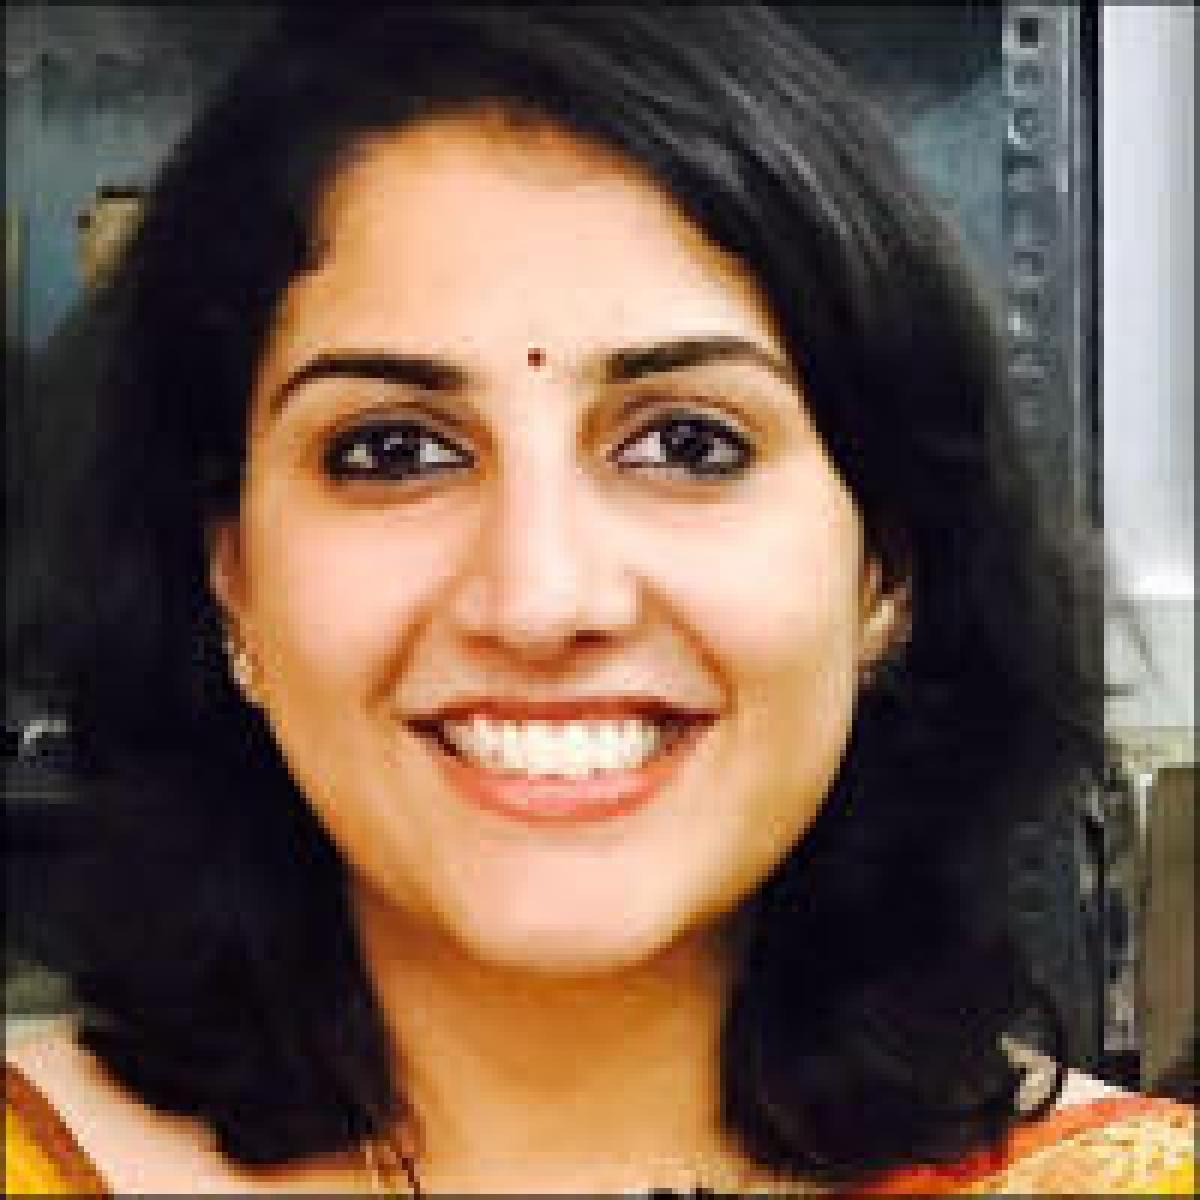 Furlenco's Aishvarya Murali joins Ola